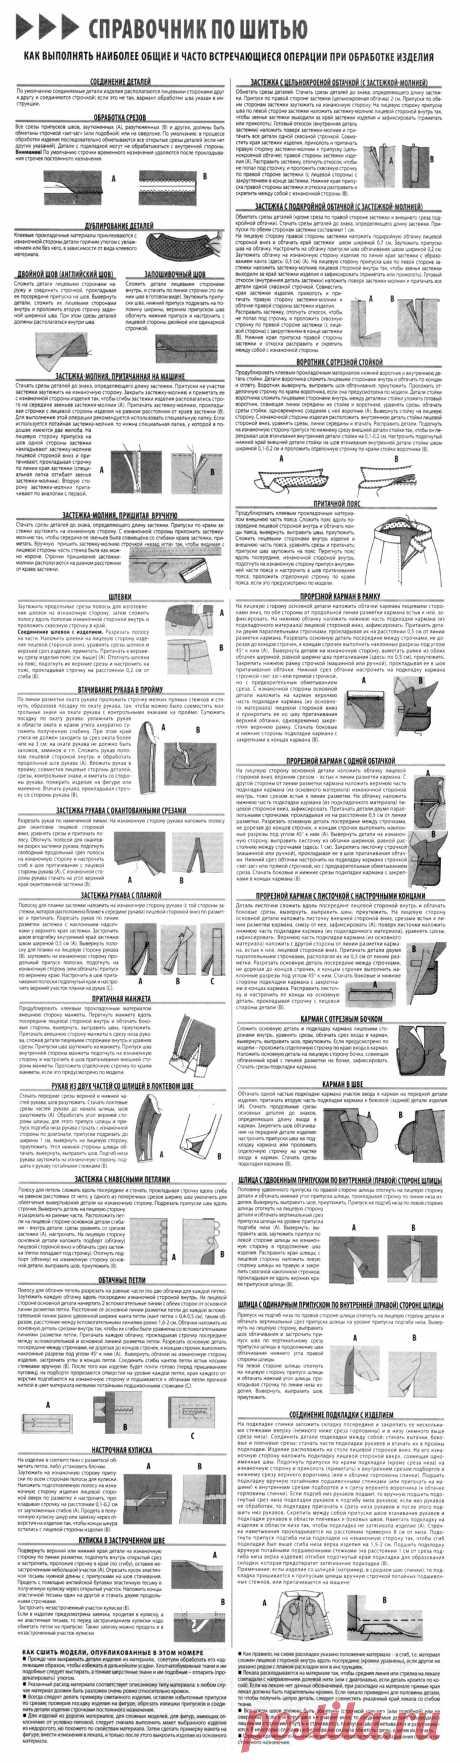 Справочник по шитью-1